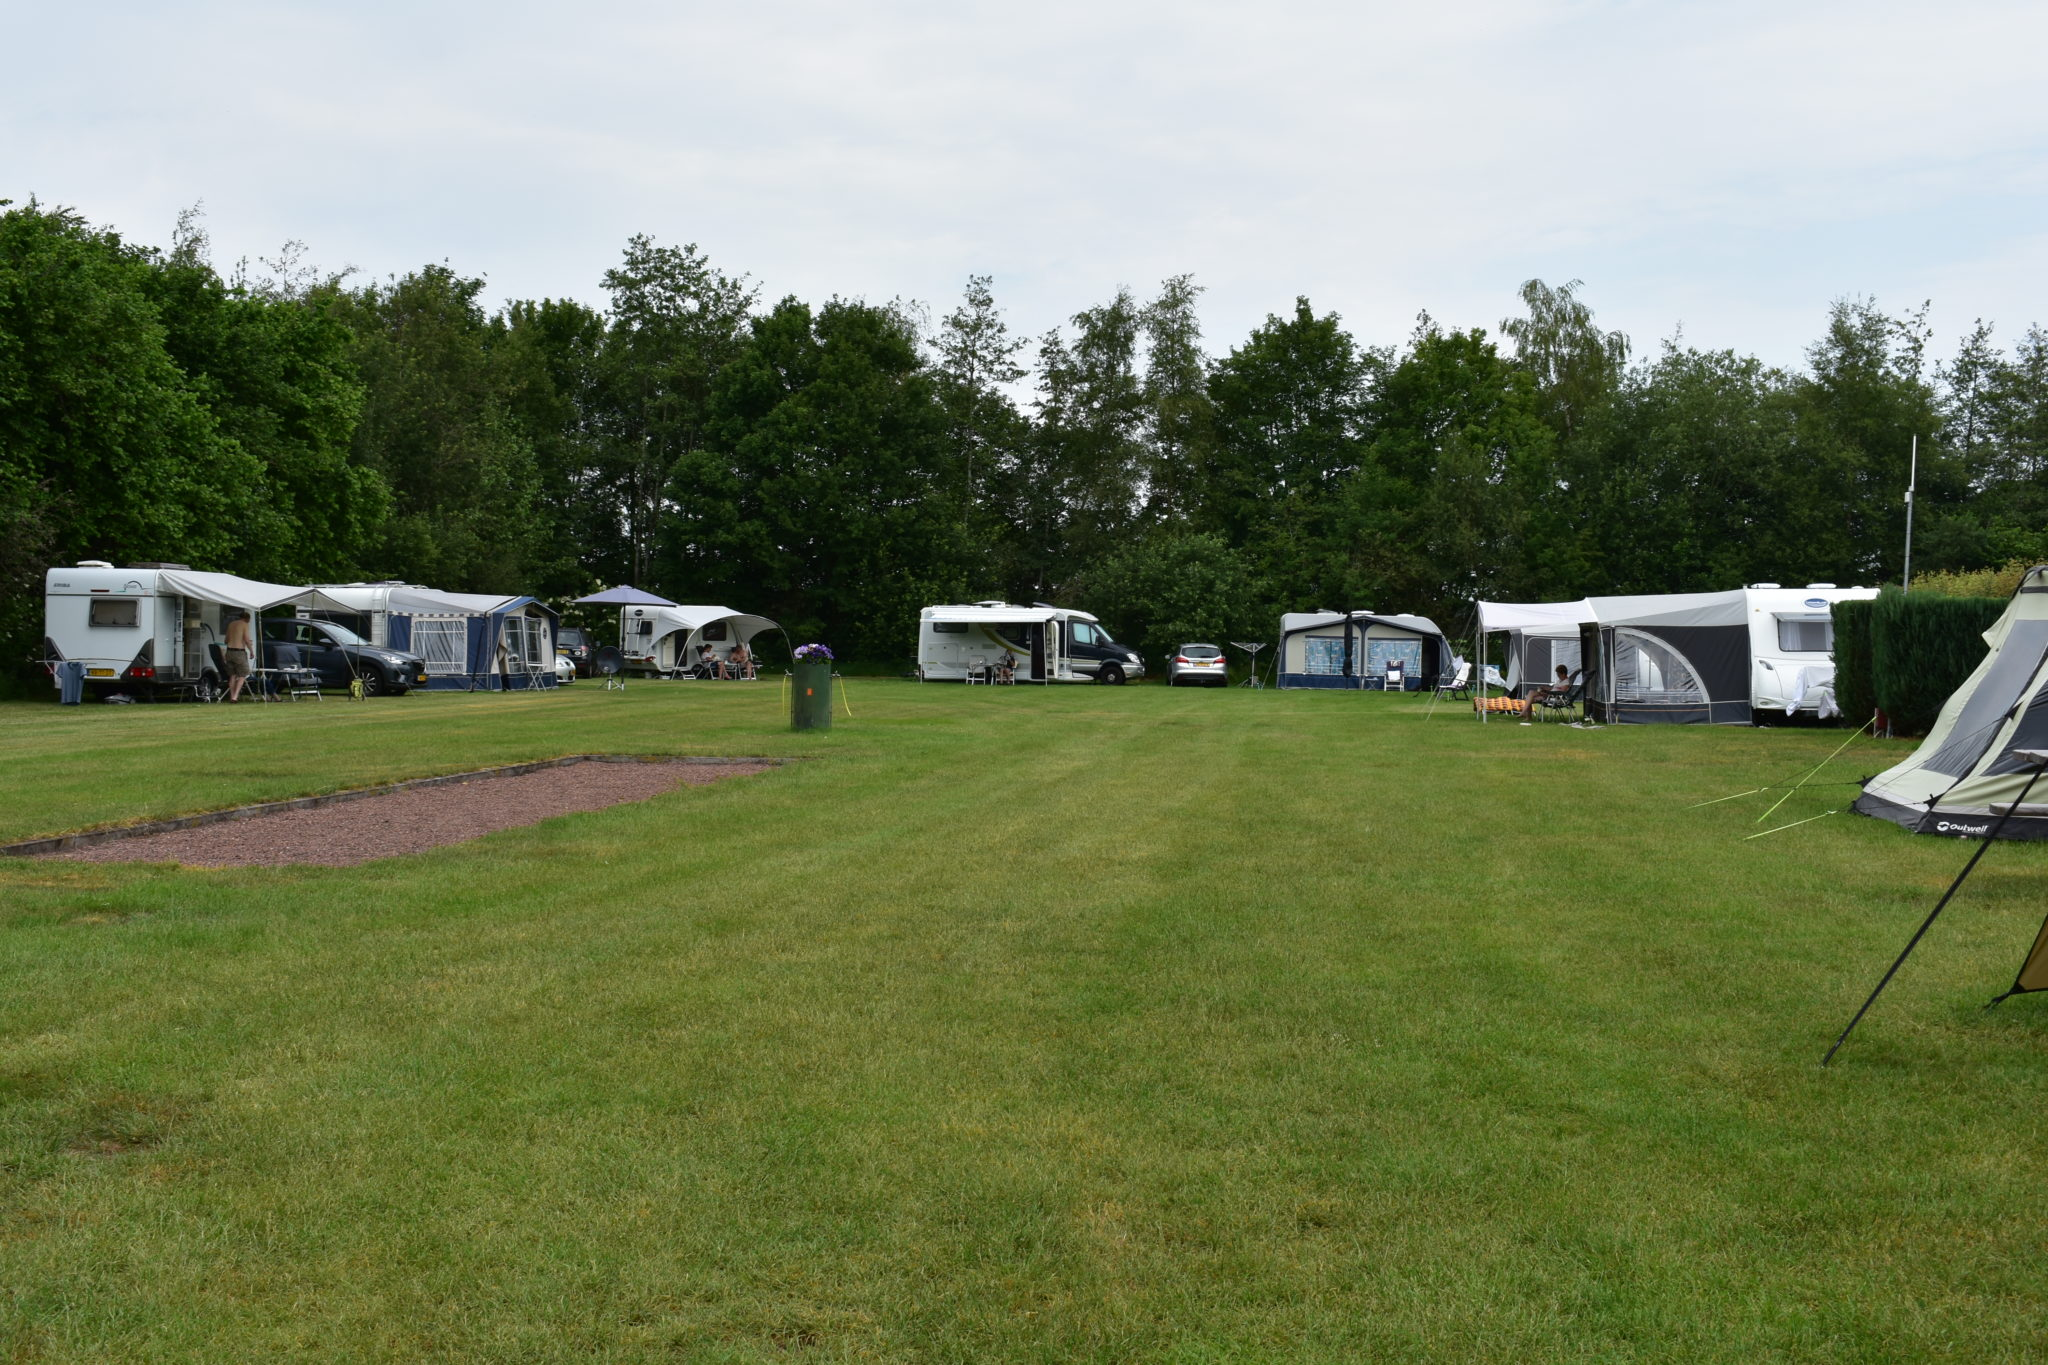 camping harminahoeve staanplaatsen caravan 2